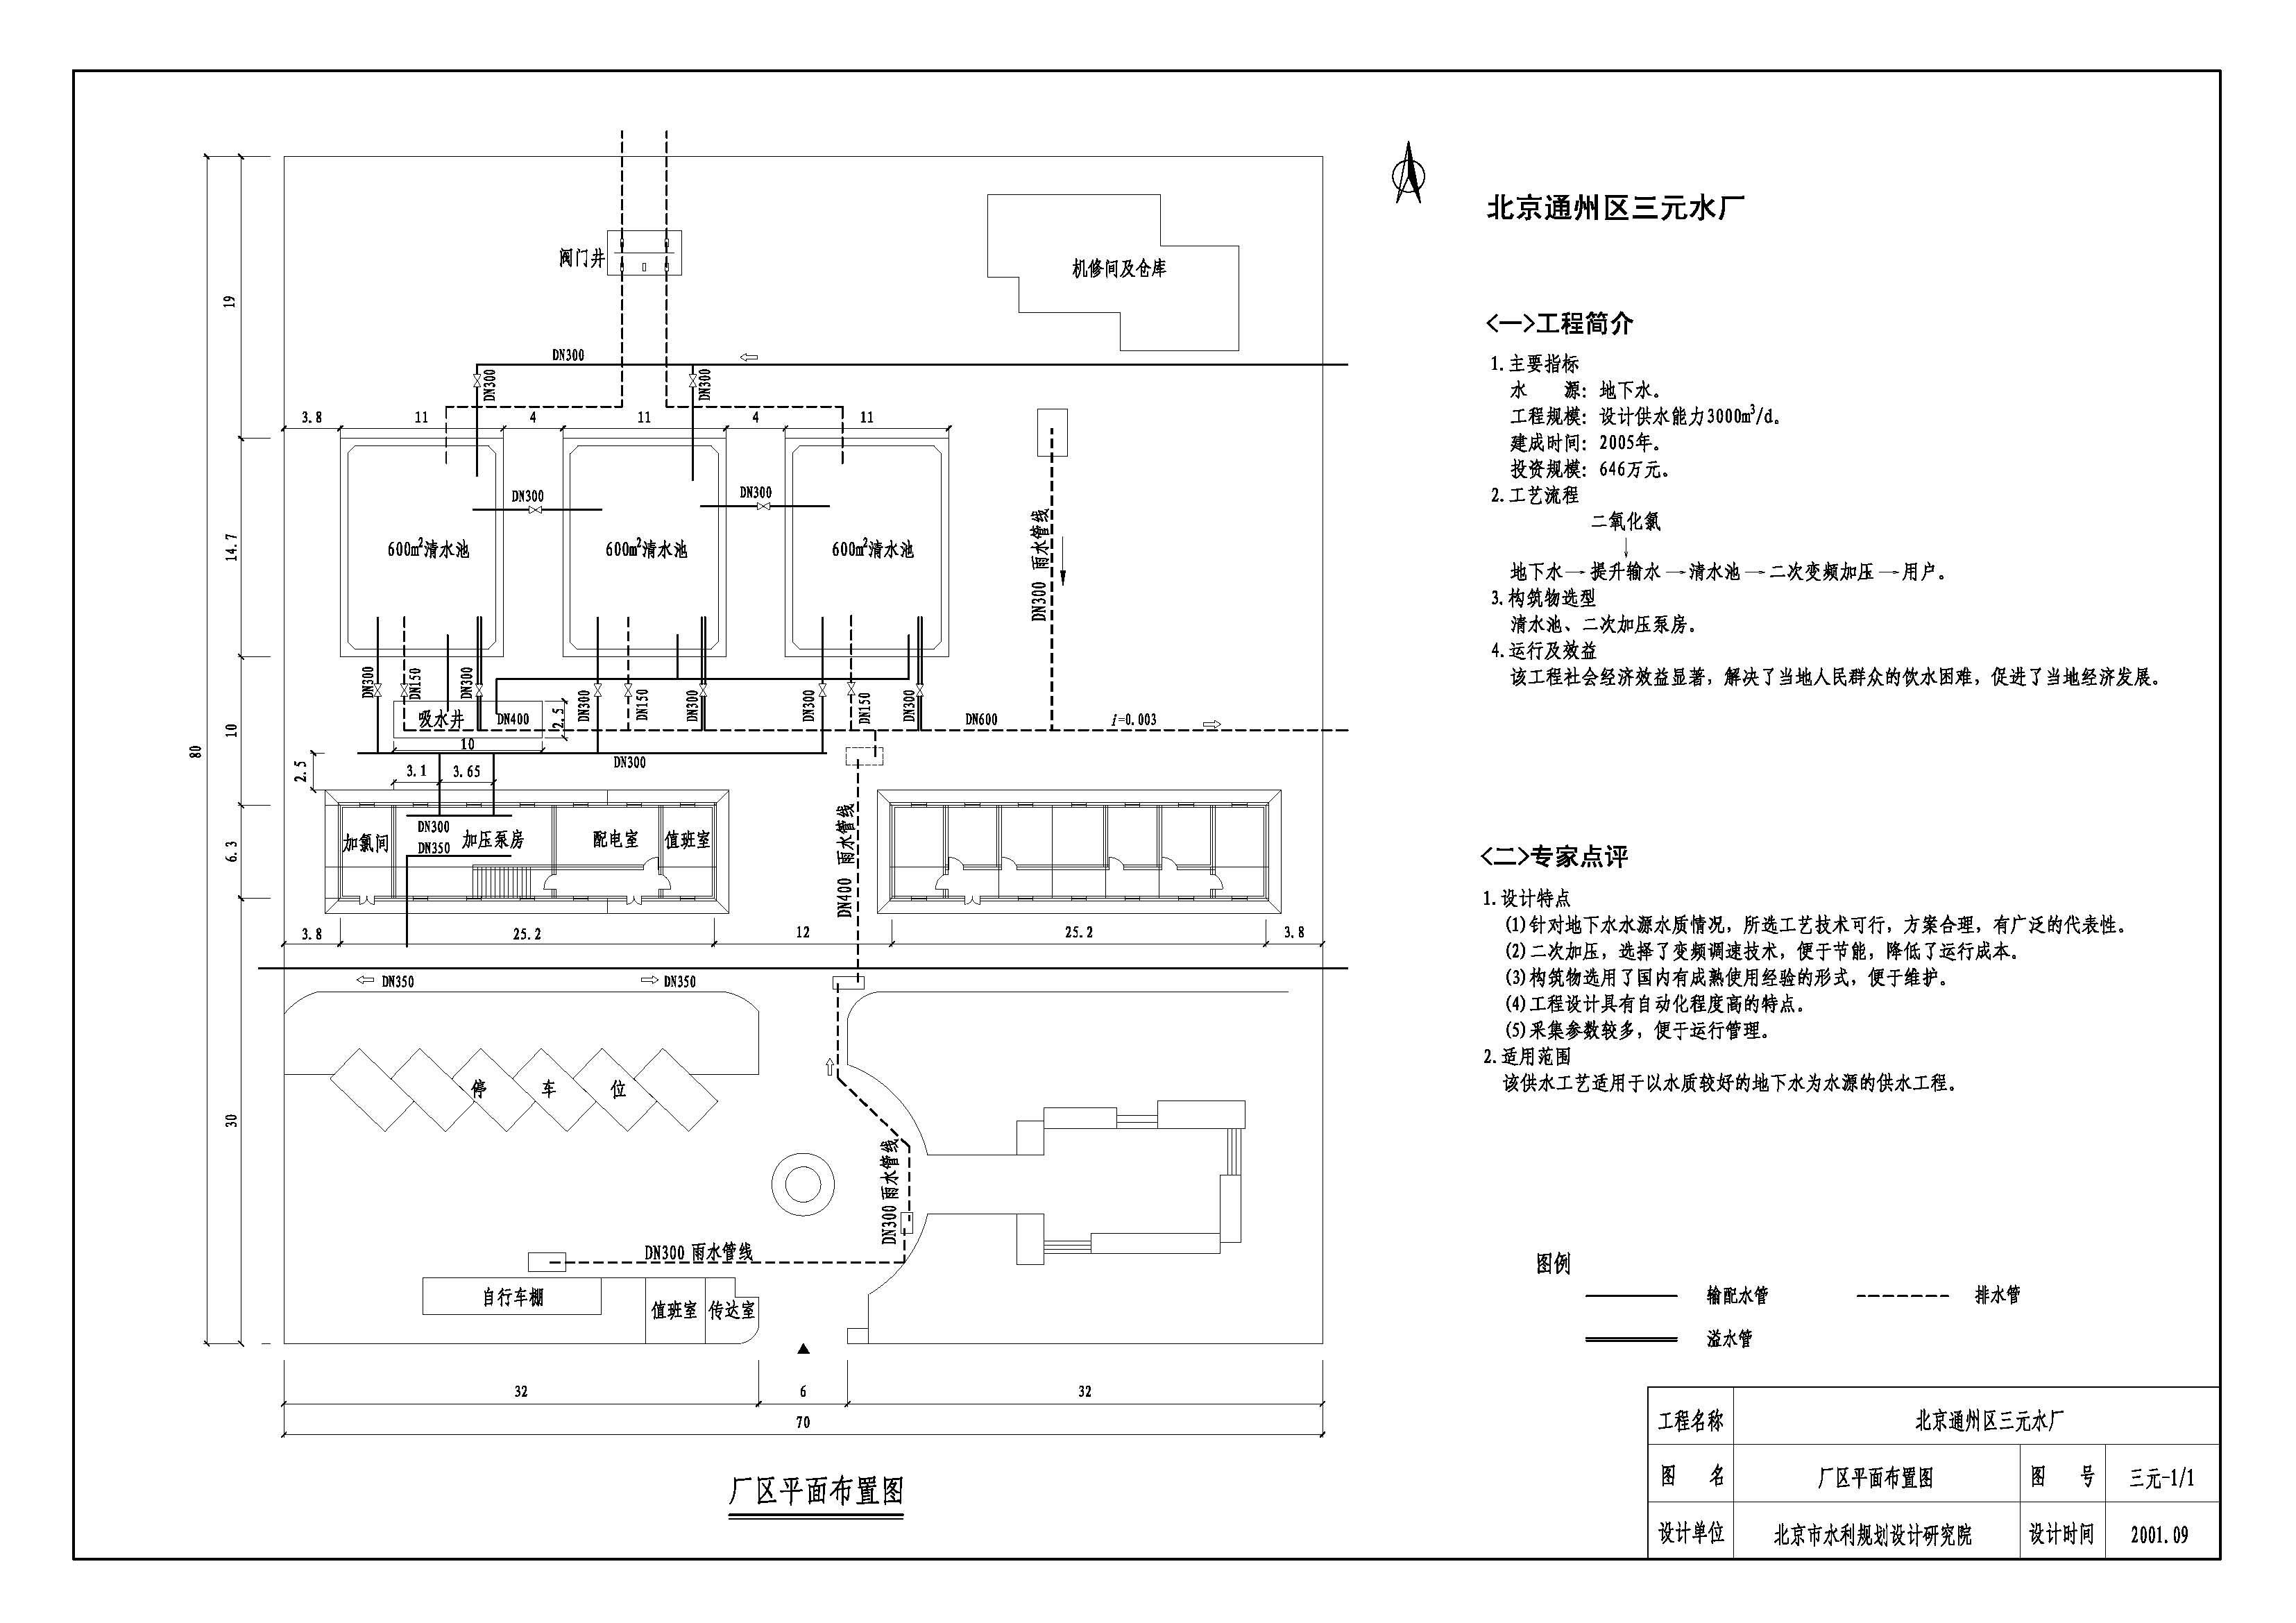 厂区平面布置图(有图片链接,可点击查看)